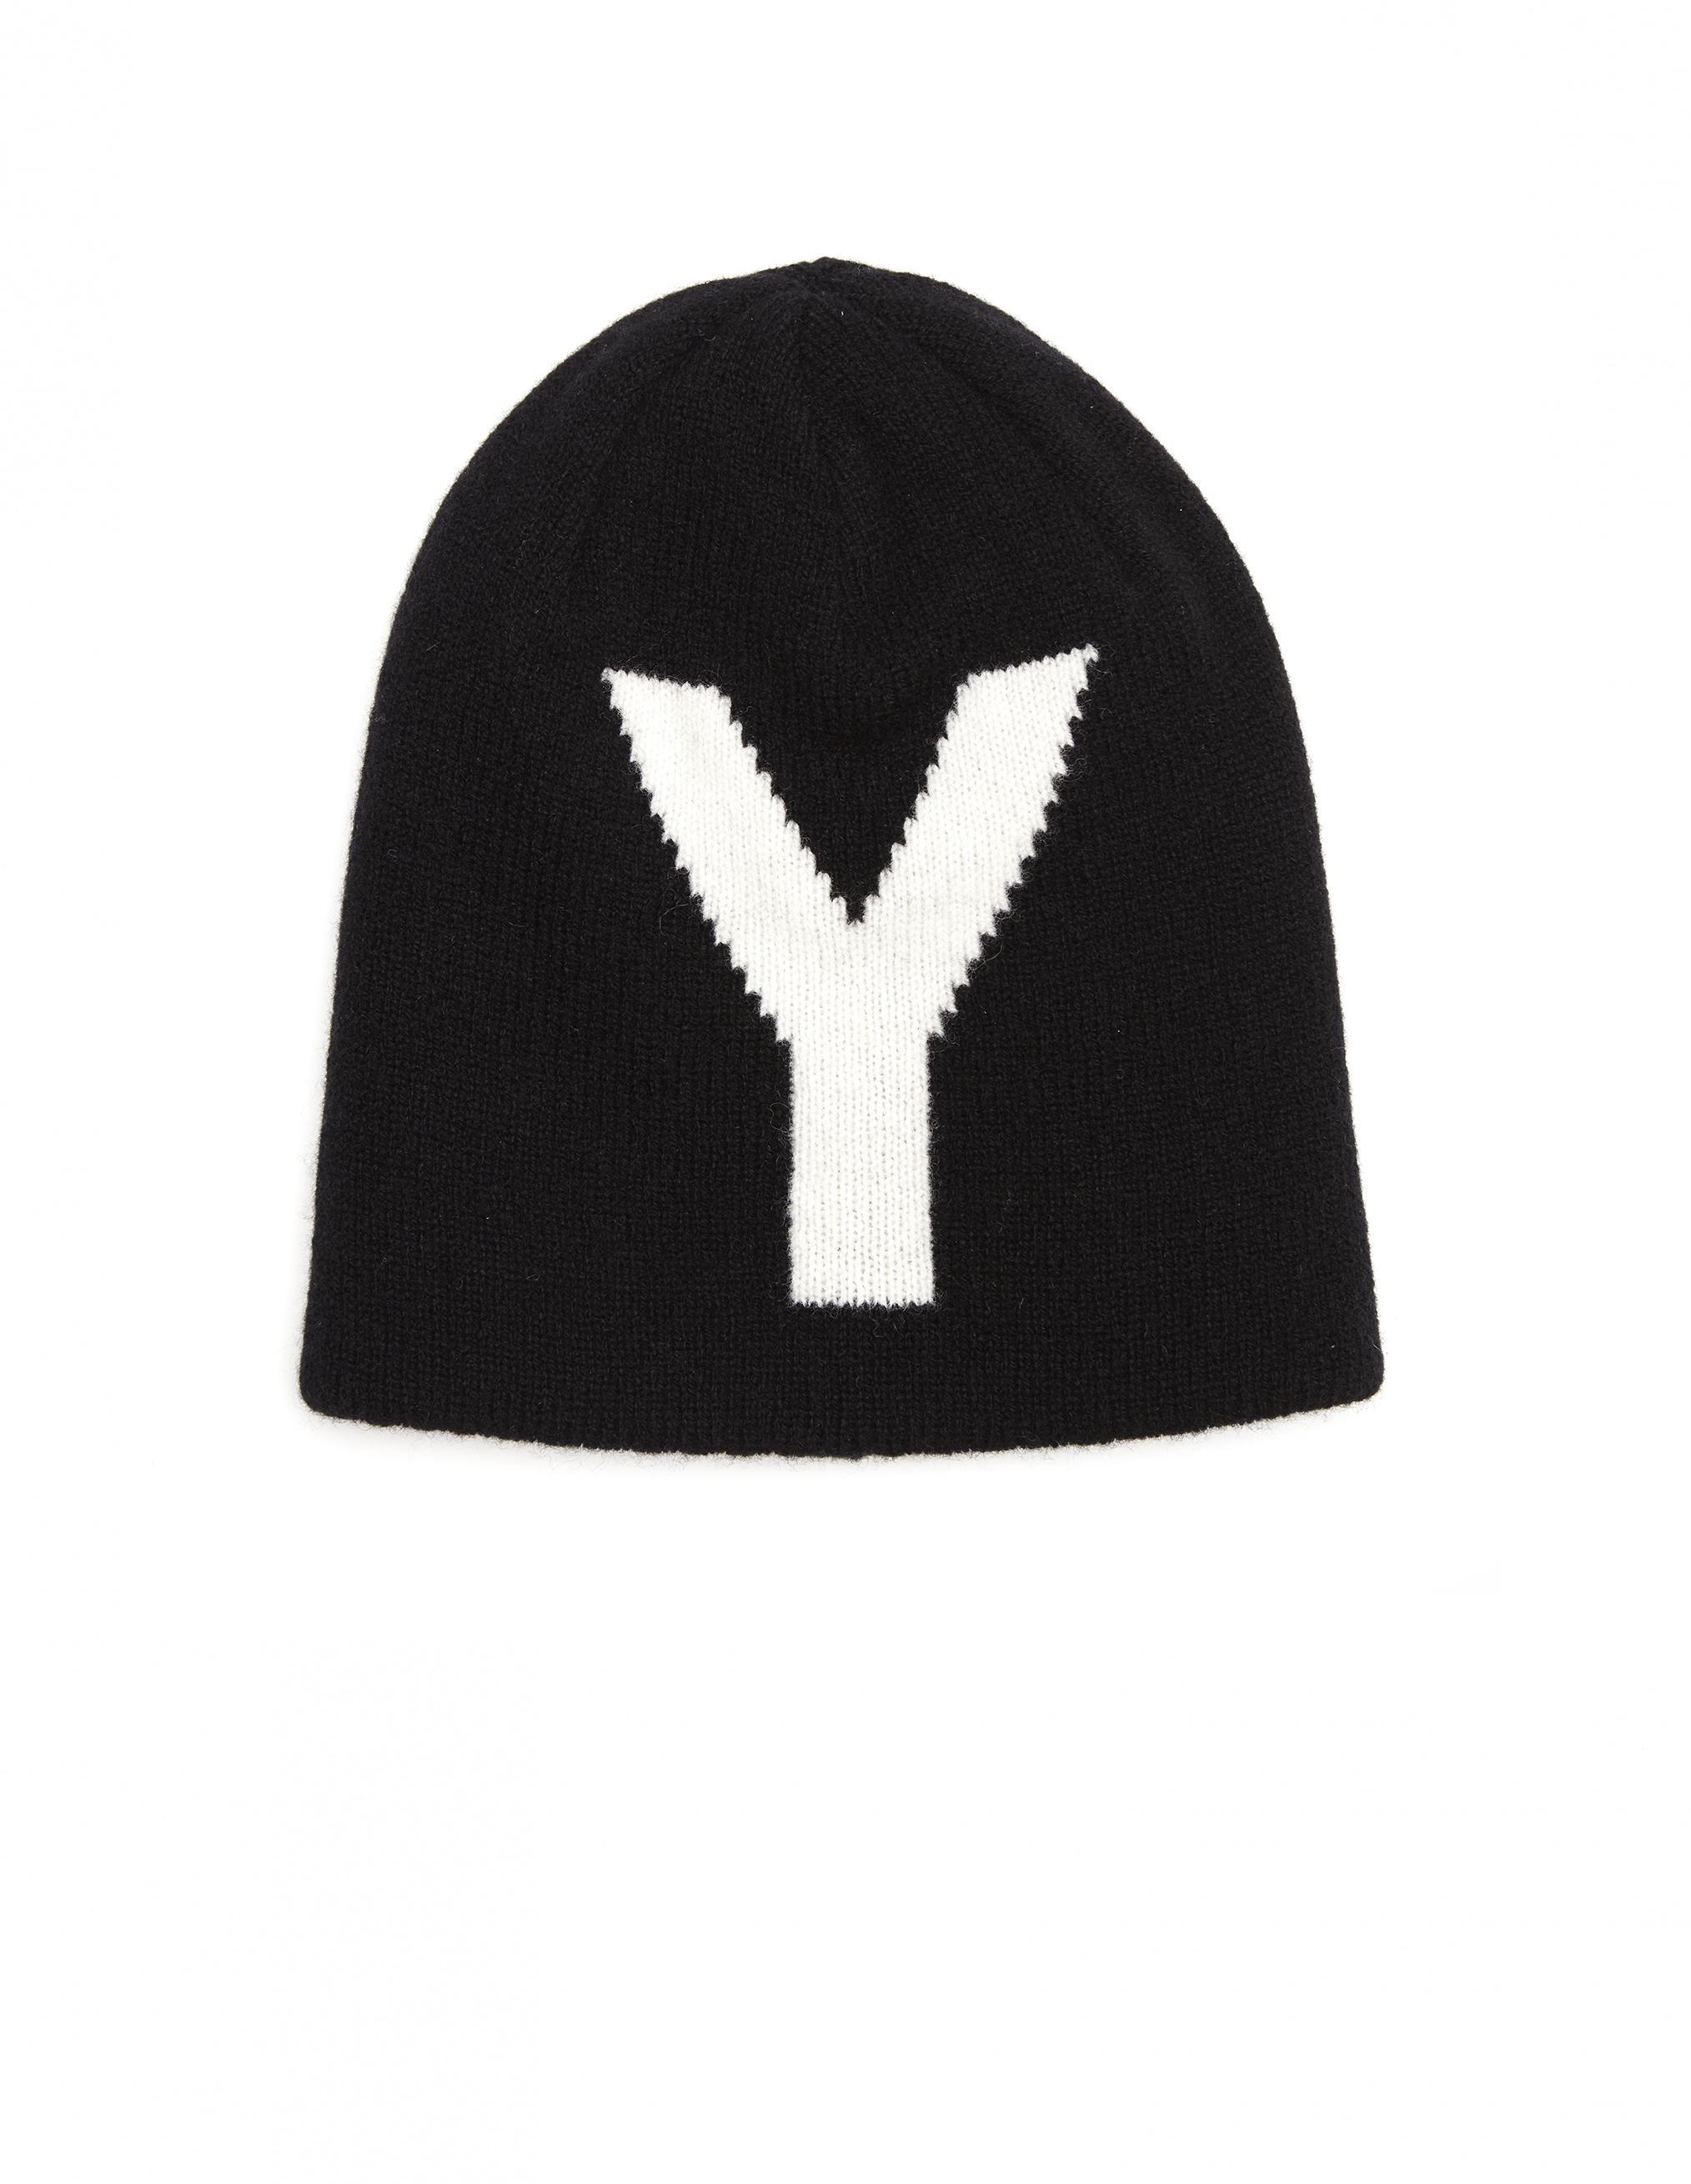 f7e23079d5c Y s Yohji Yamamoto Reversible Wool Knit Hat in Black - Lyst